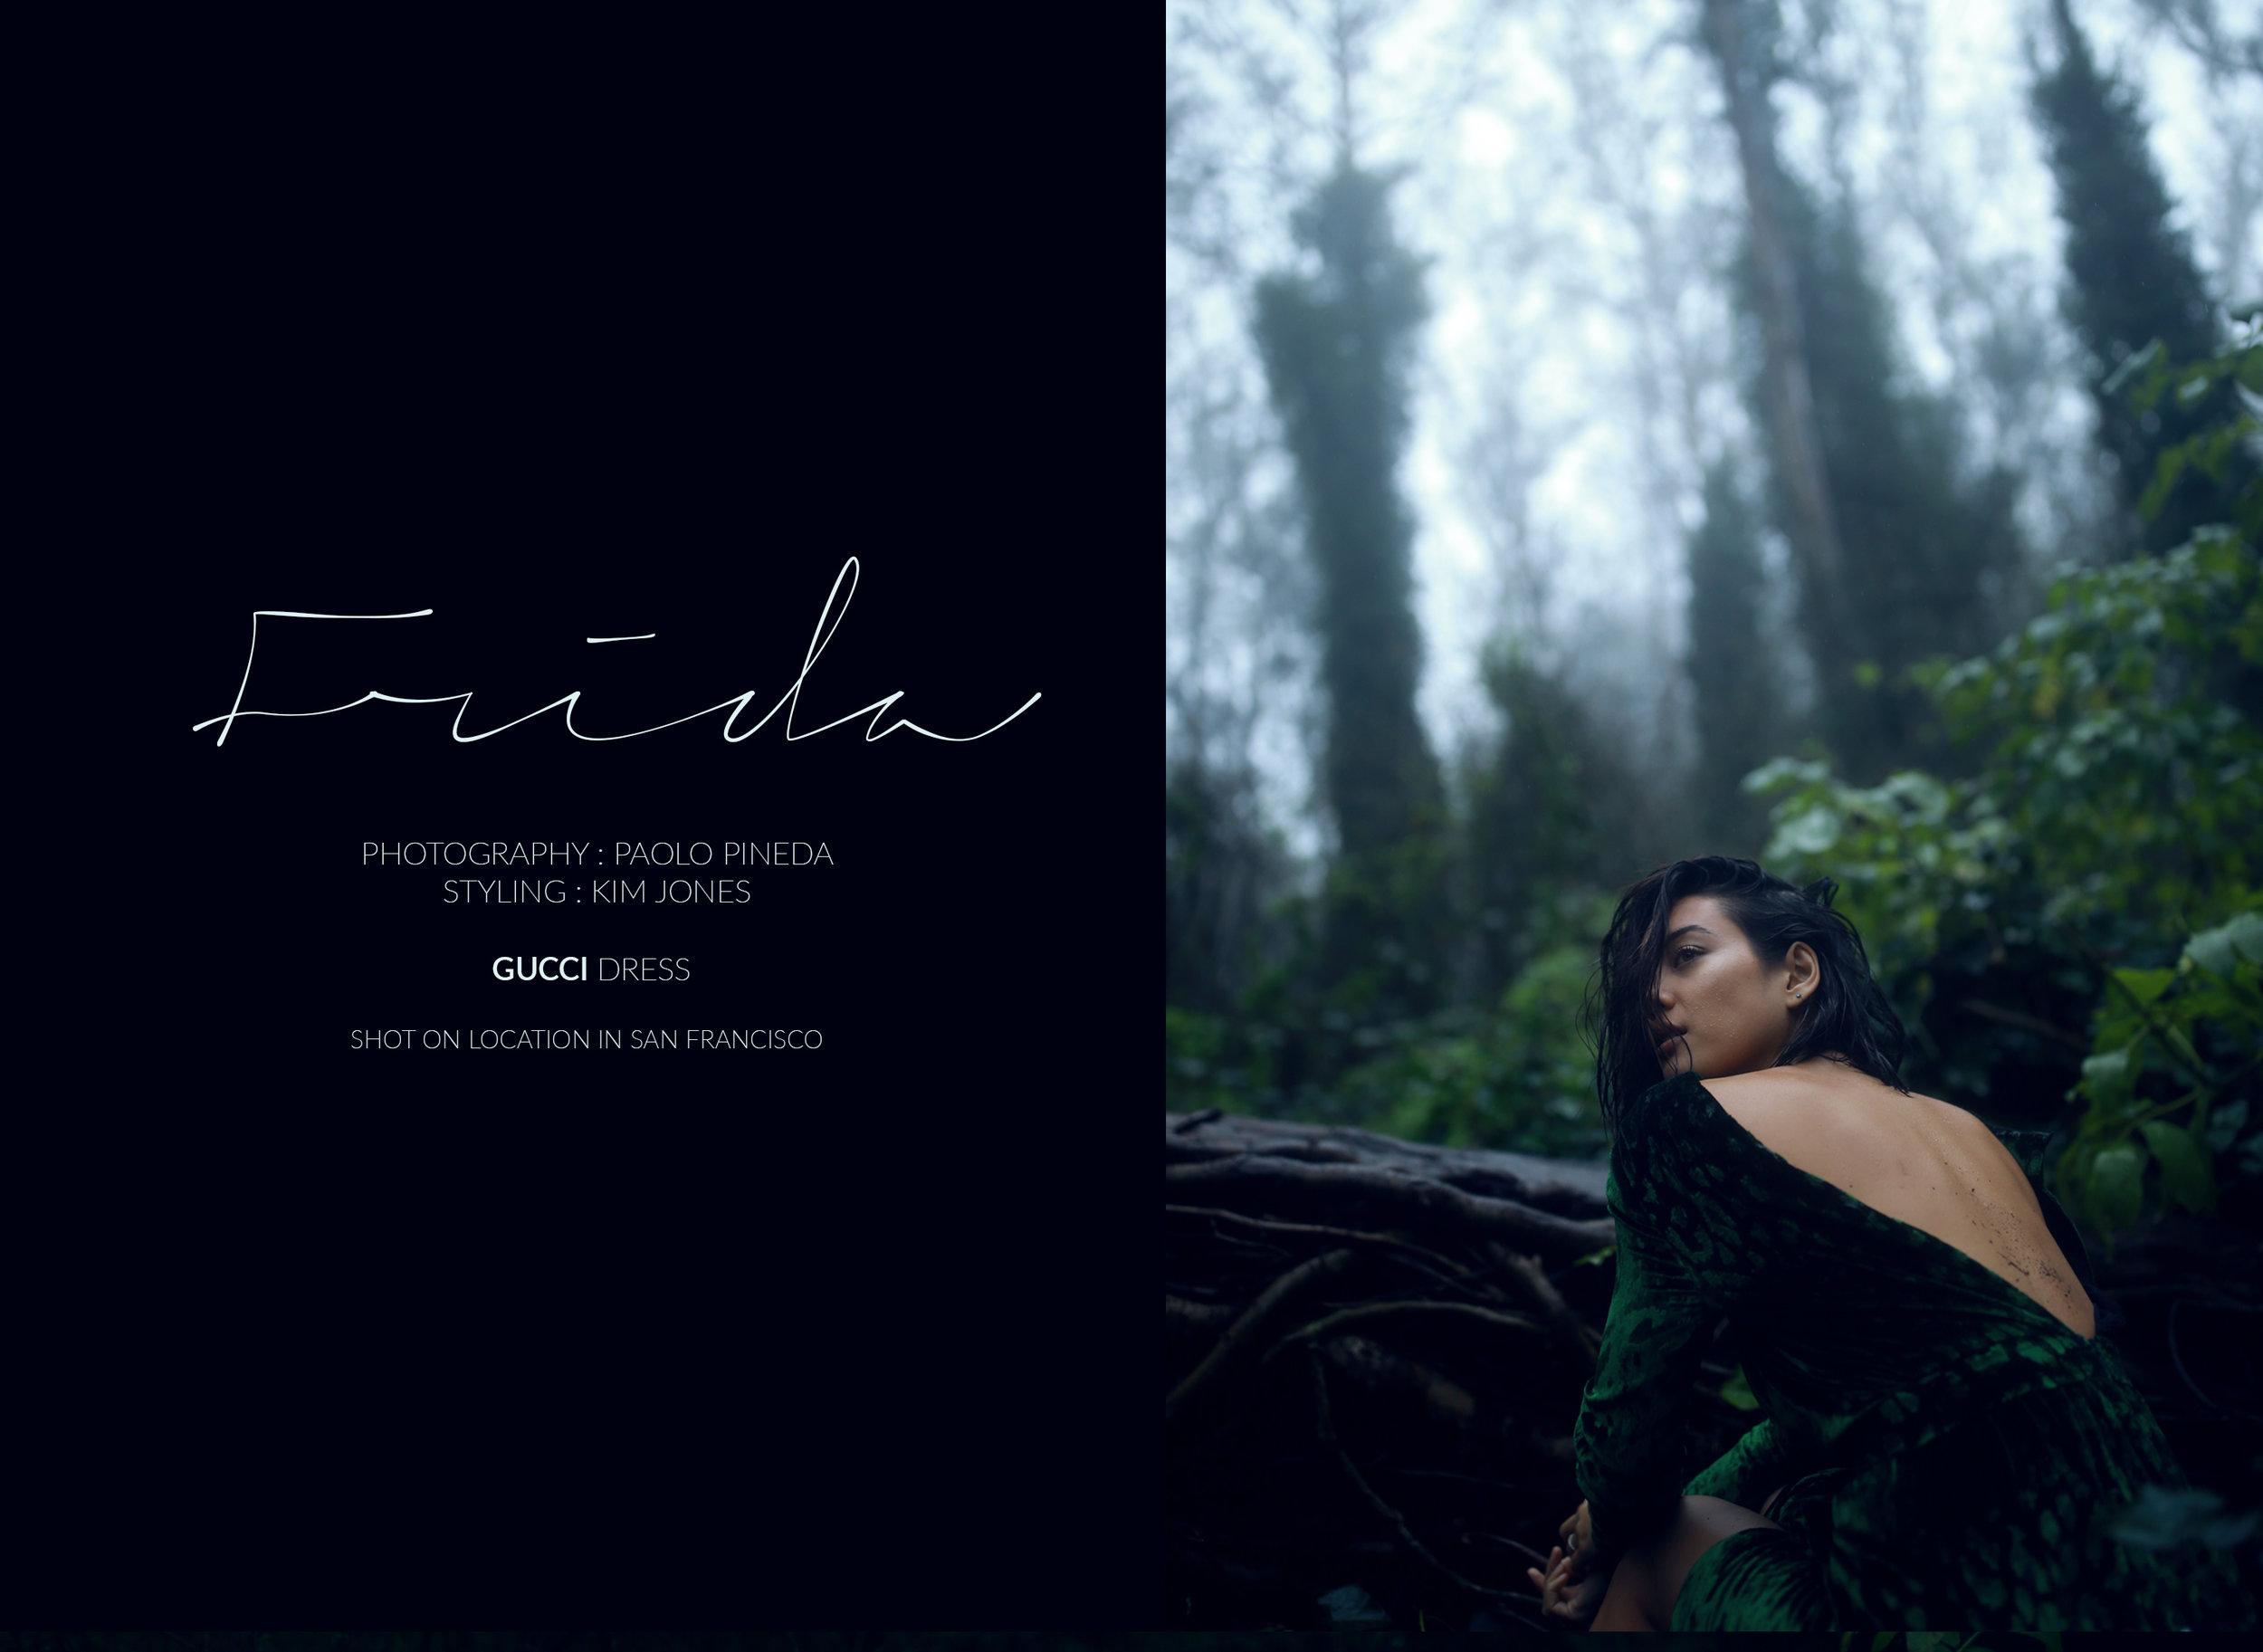 Frida-header-copy.jpg